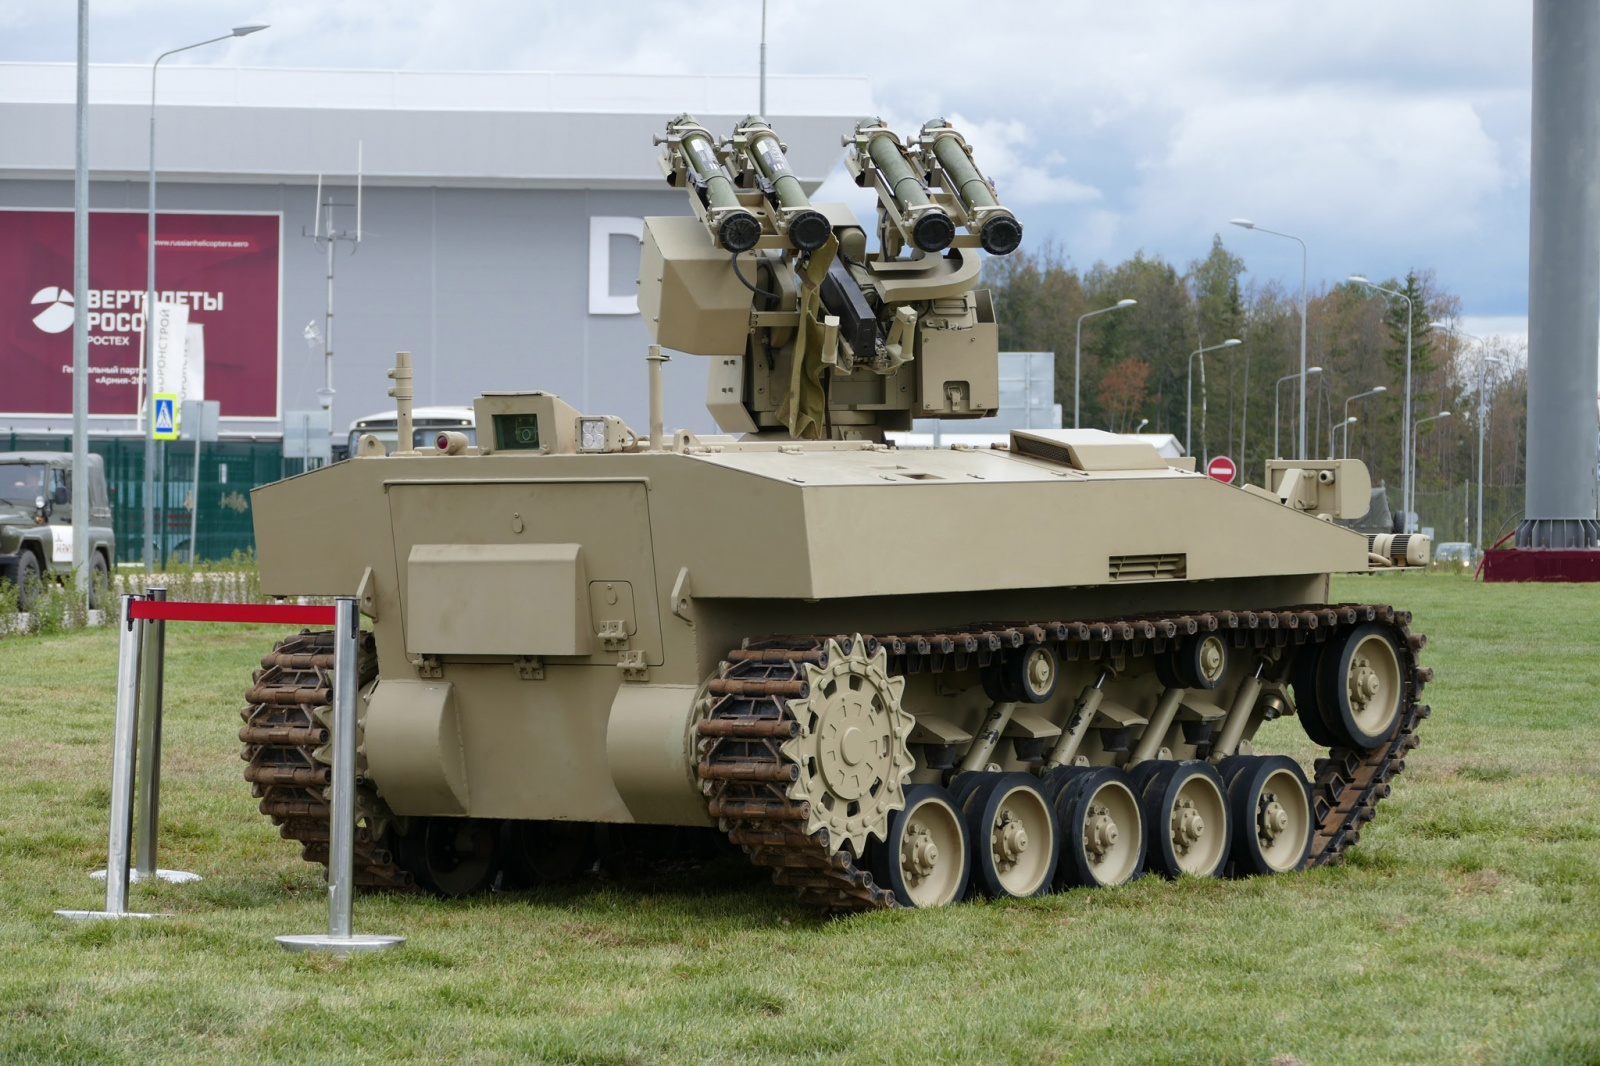 Военные роботы и их разработчики. Часть 3 — заключительная - 2